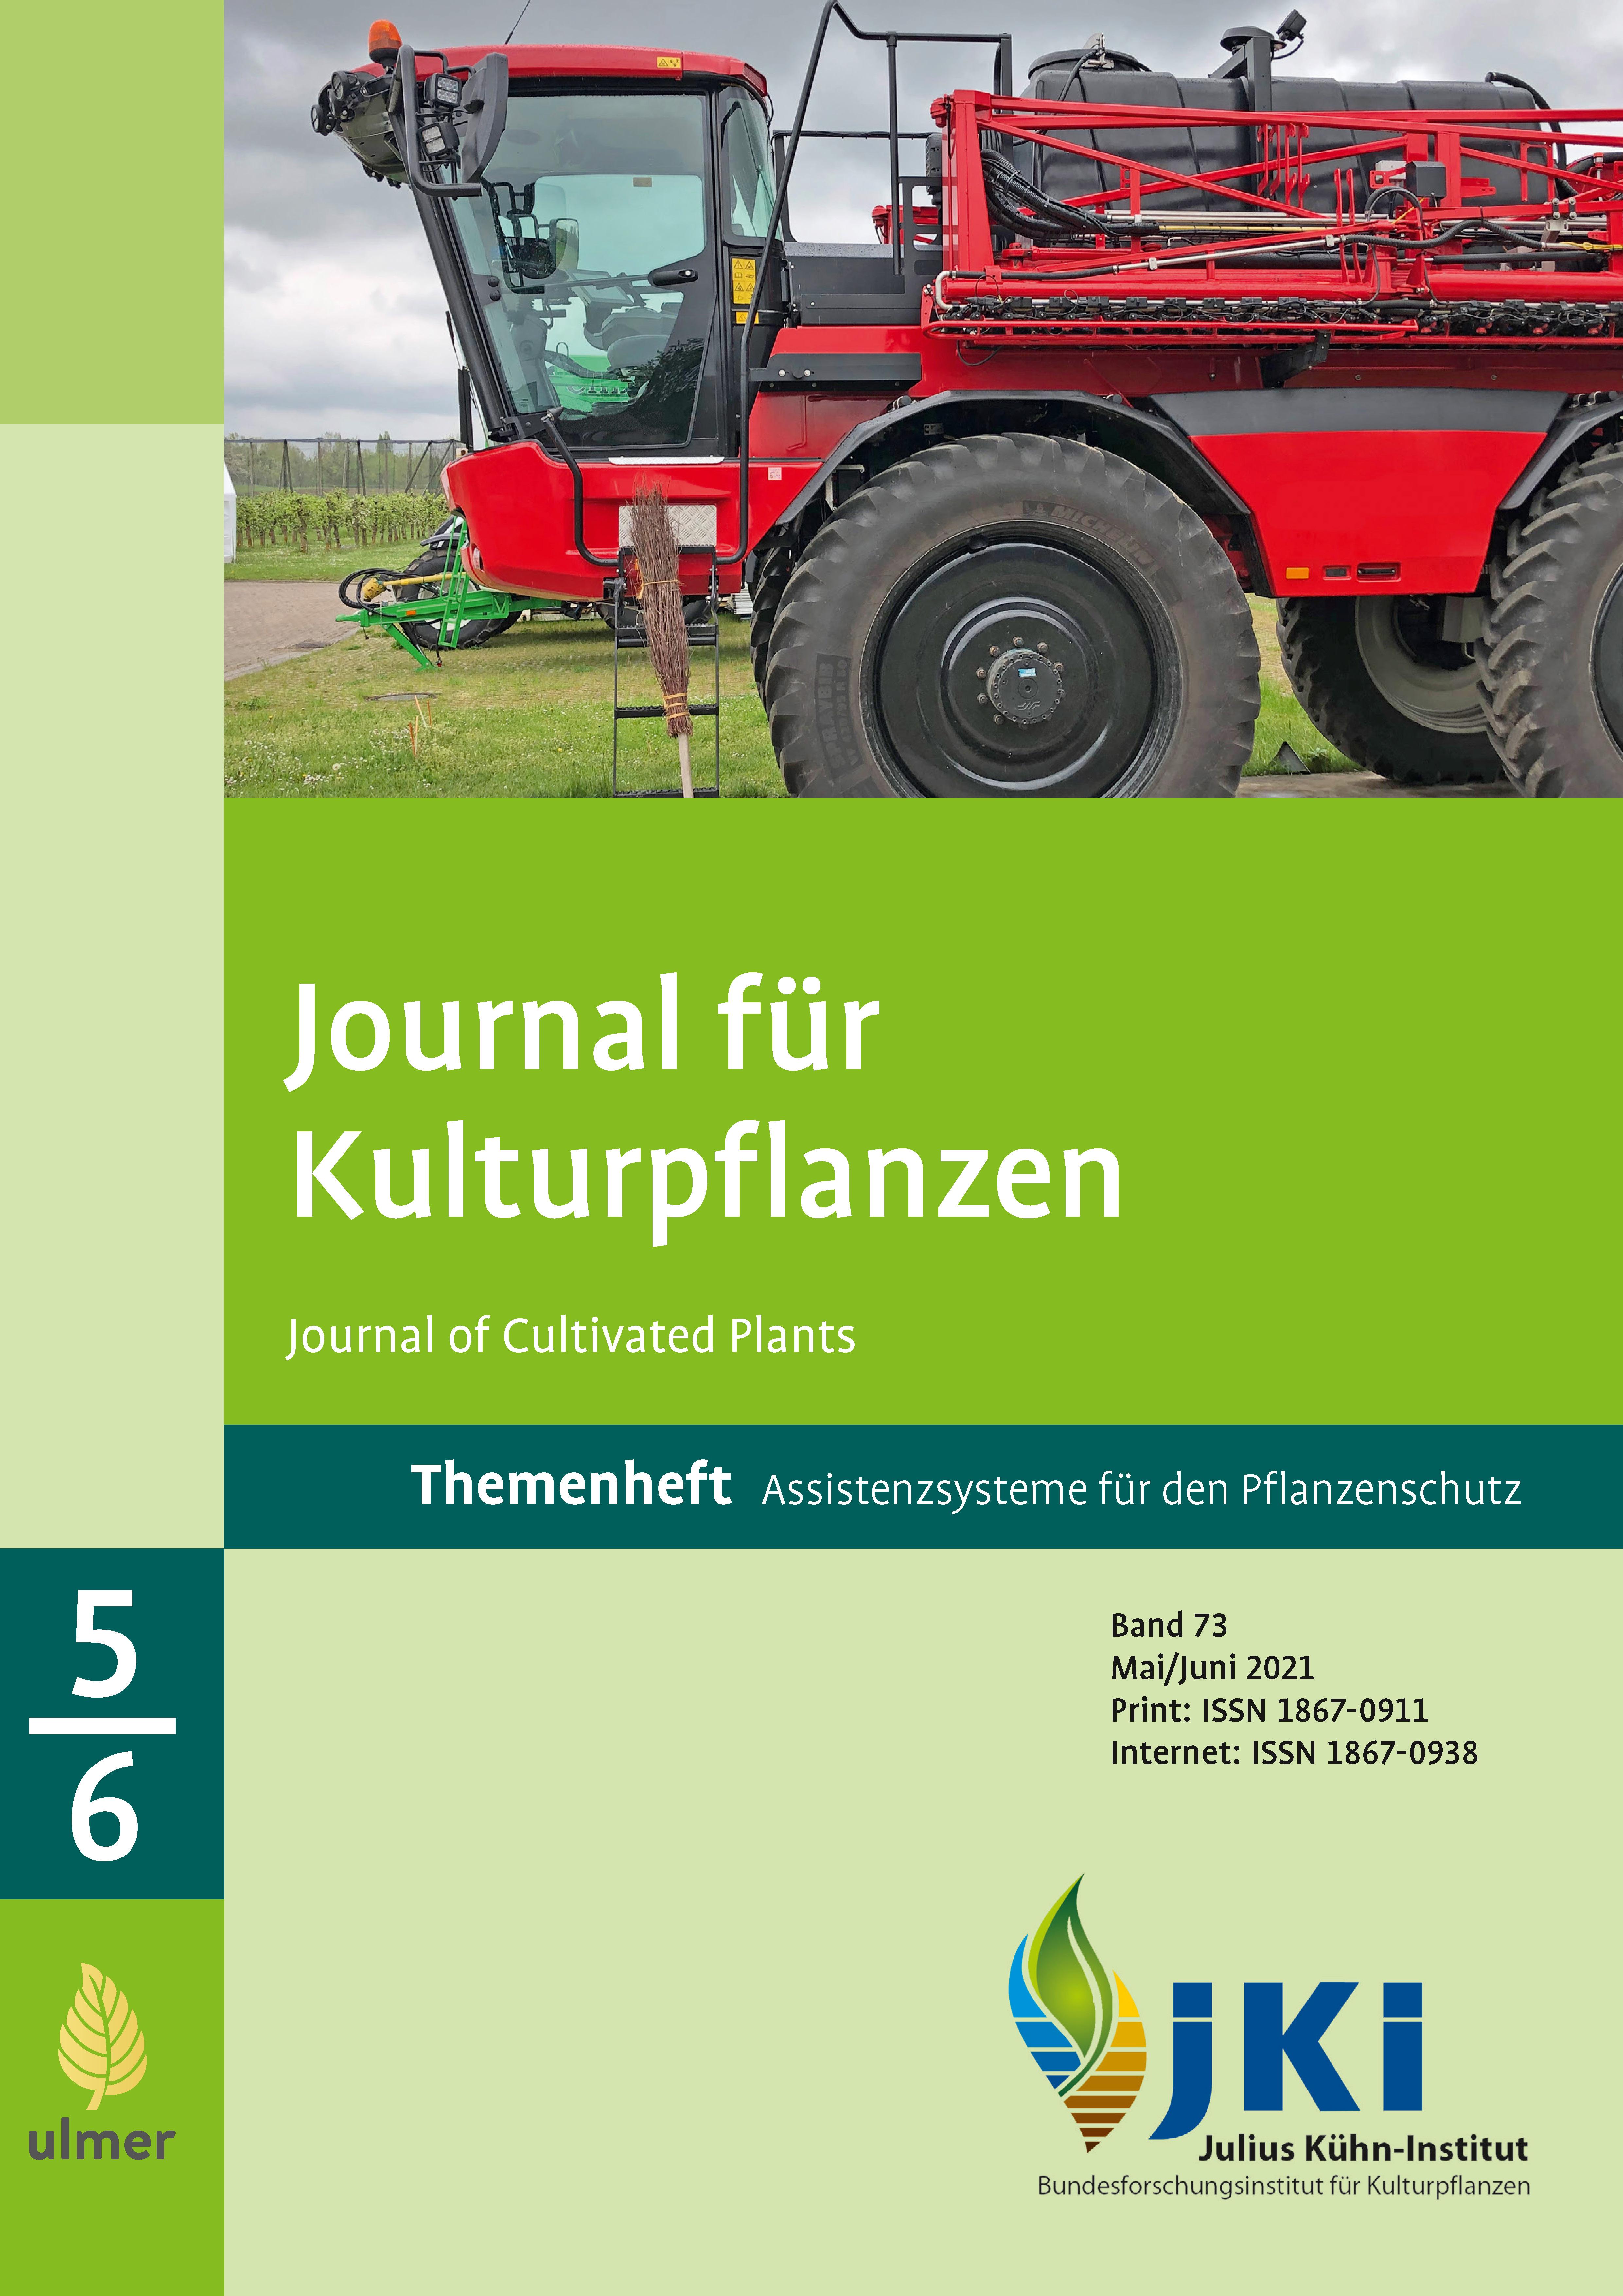 Ansehen Bd. 73 Nr. 5-6 (2021): Themenheft: Assistenzsysteme für den Pflanzenschutz